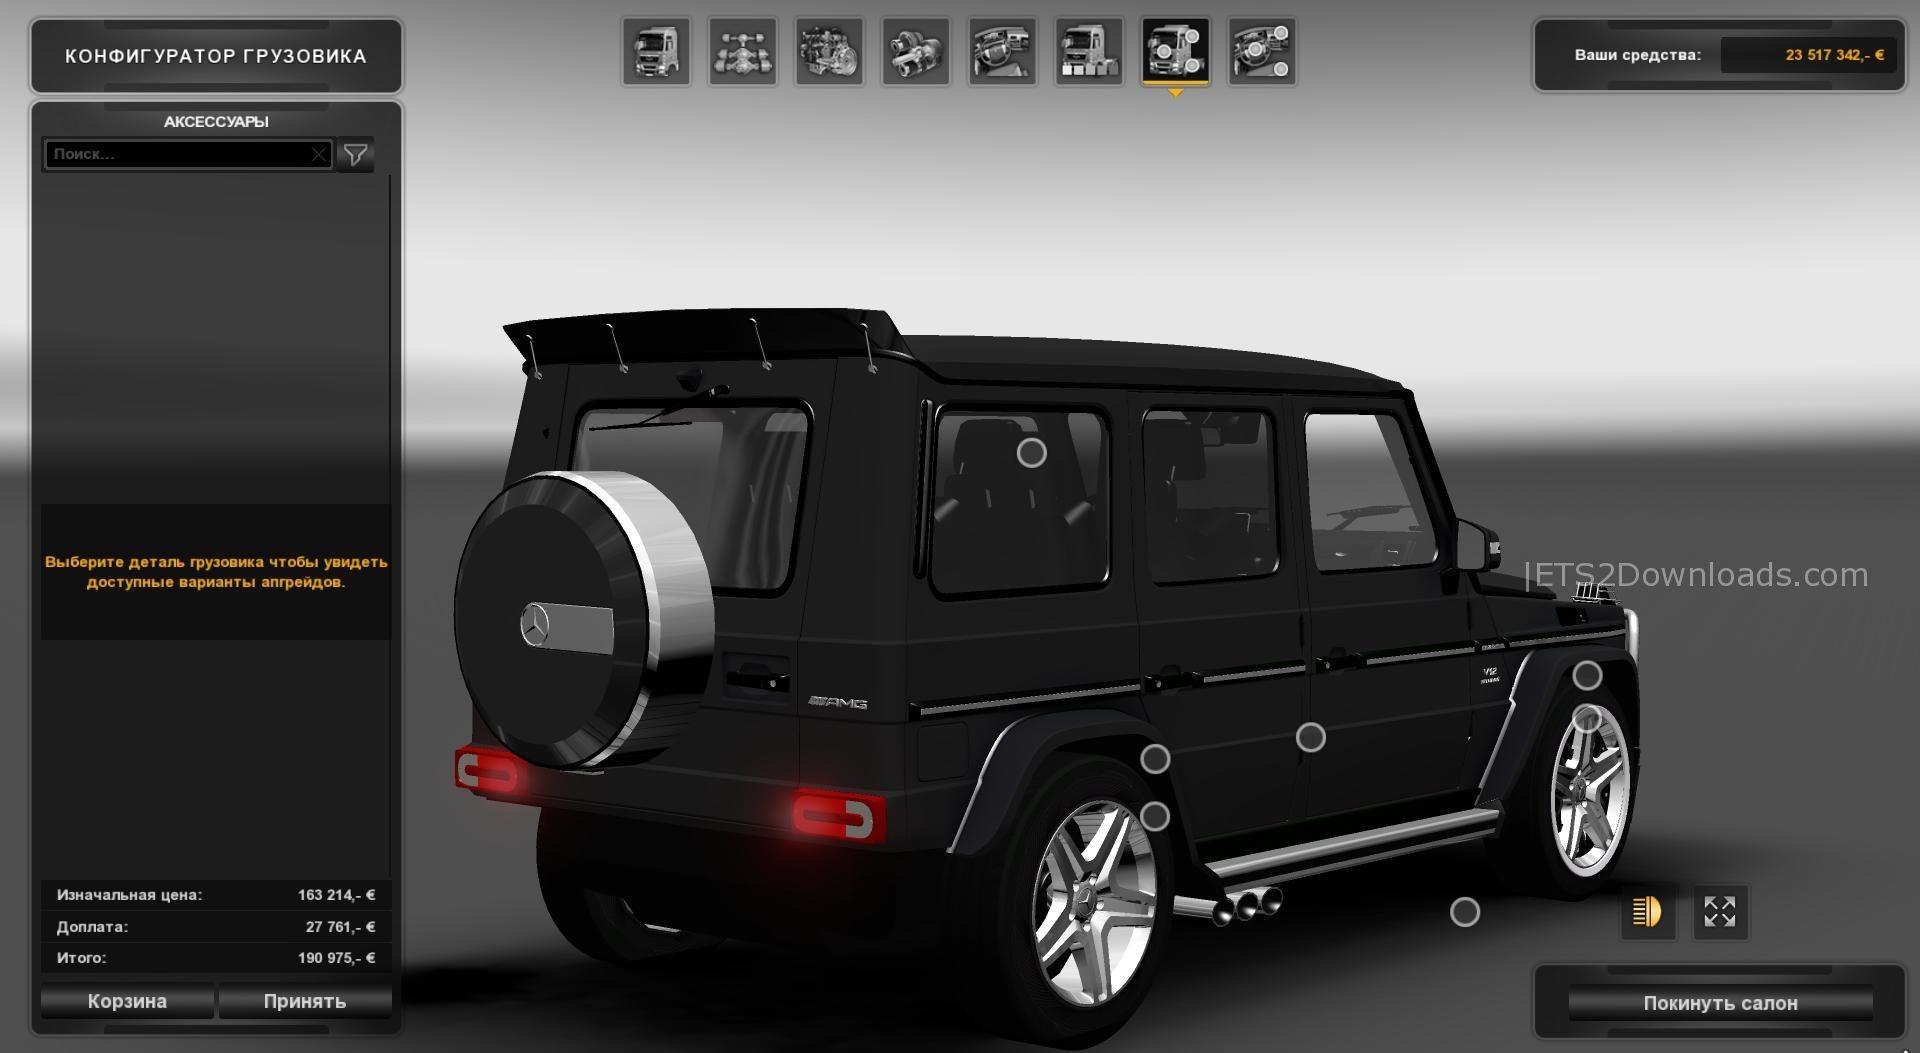 Mercedes benz gelandewagen mods world for Mercedes benz gelandewagen